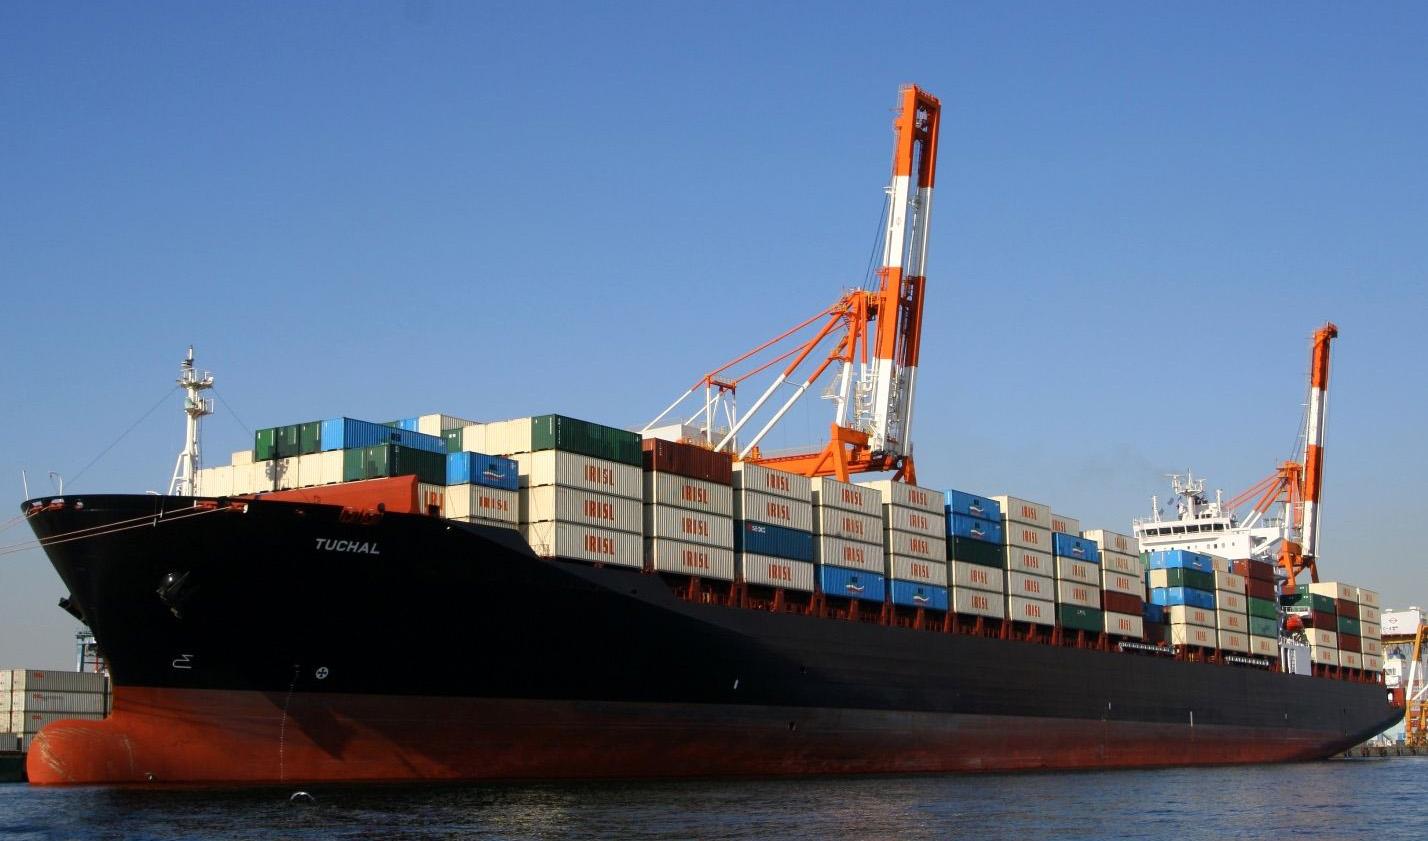 تحویل ۱۴۰ هزار تن سوخت کم سولفور طی ۱۰ ماه به کشتیرانی